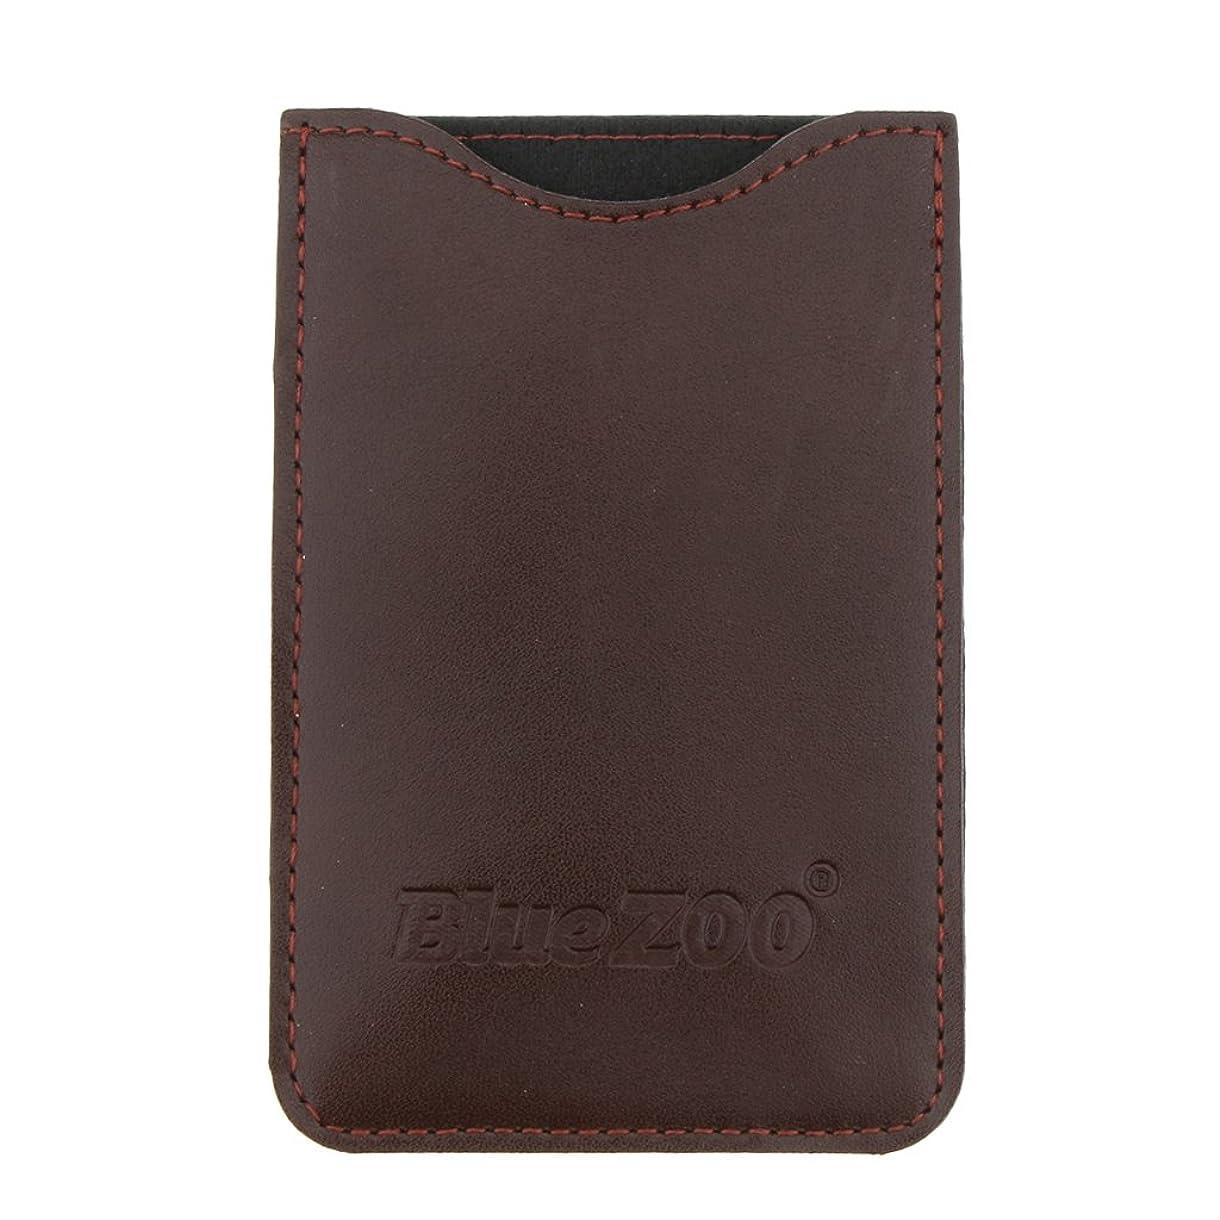 基準まばたき上記の頭と肩Kesoto コームバッグ 収納ケース 収納パック 保護カバー PUレザー 櫛/ヘアブラシ/名刺/IDカード/銀行カード バッグ オーガナイザー 全2色  - 褐色